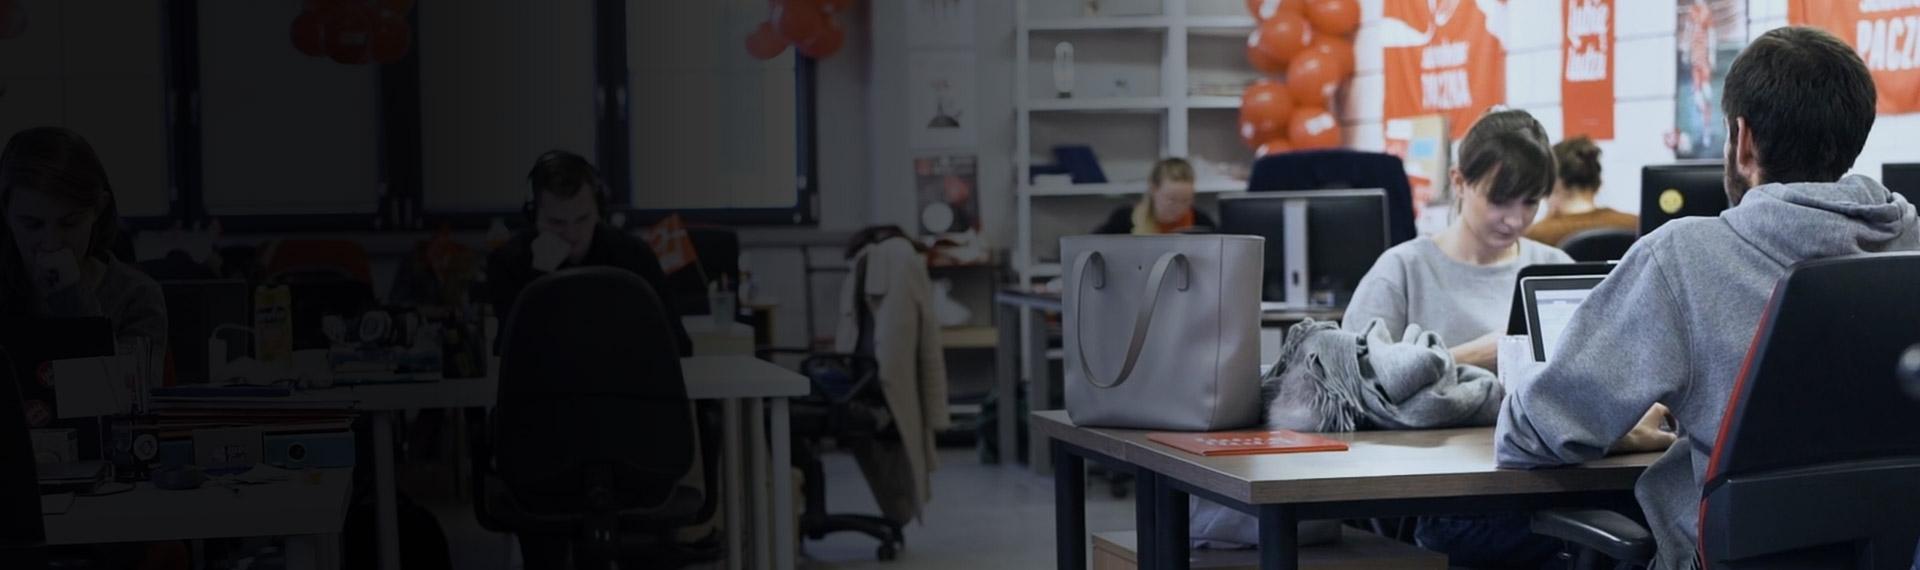 System ERP enova365 wspiera organizacje non-profit